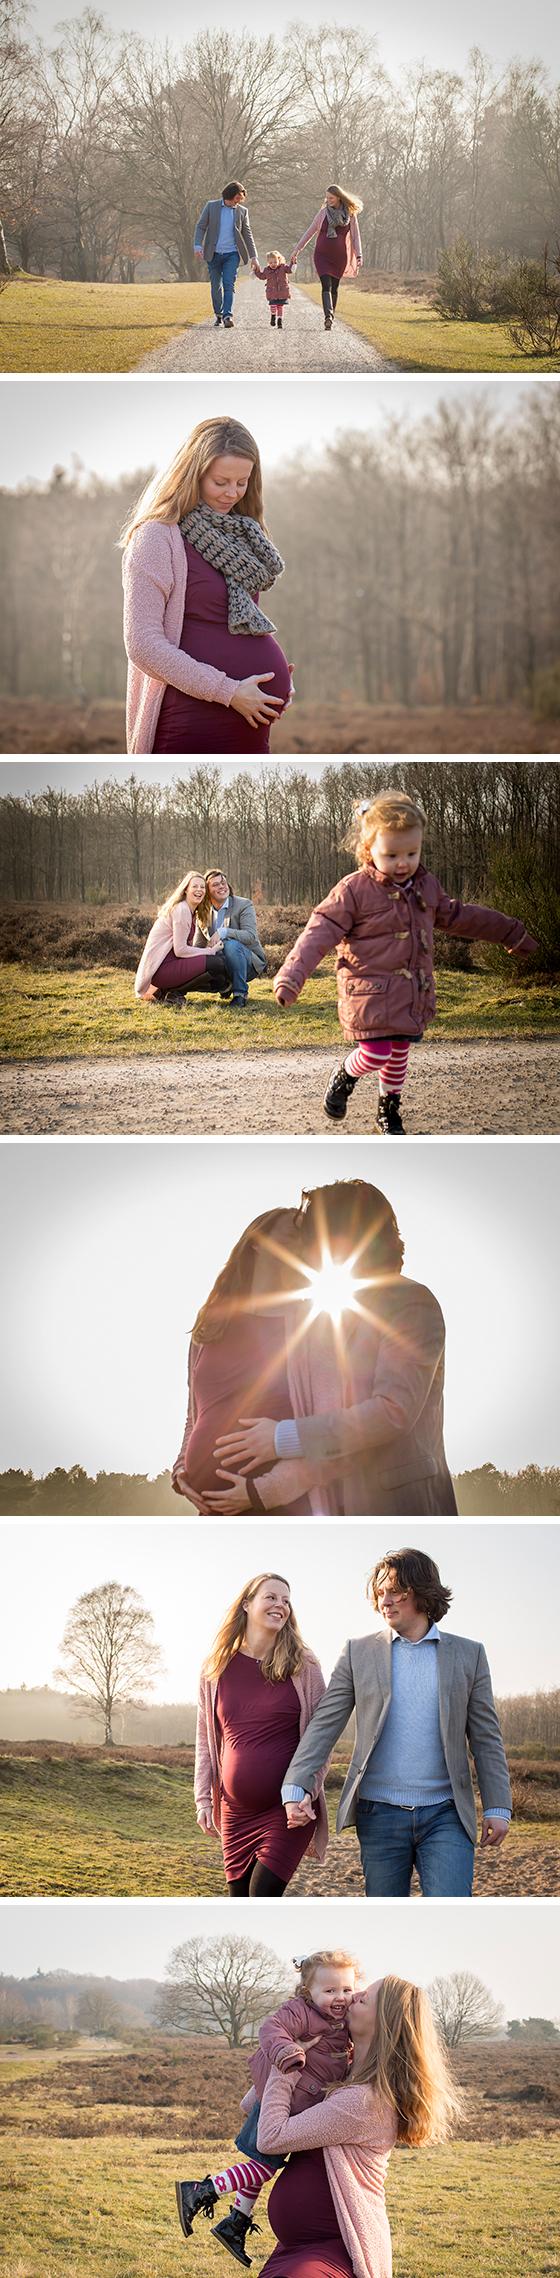 huwelijksaanzoek zwangerschap fotoshoot